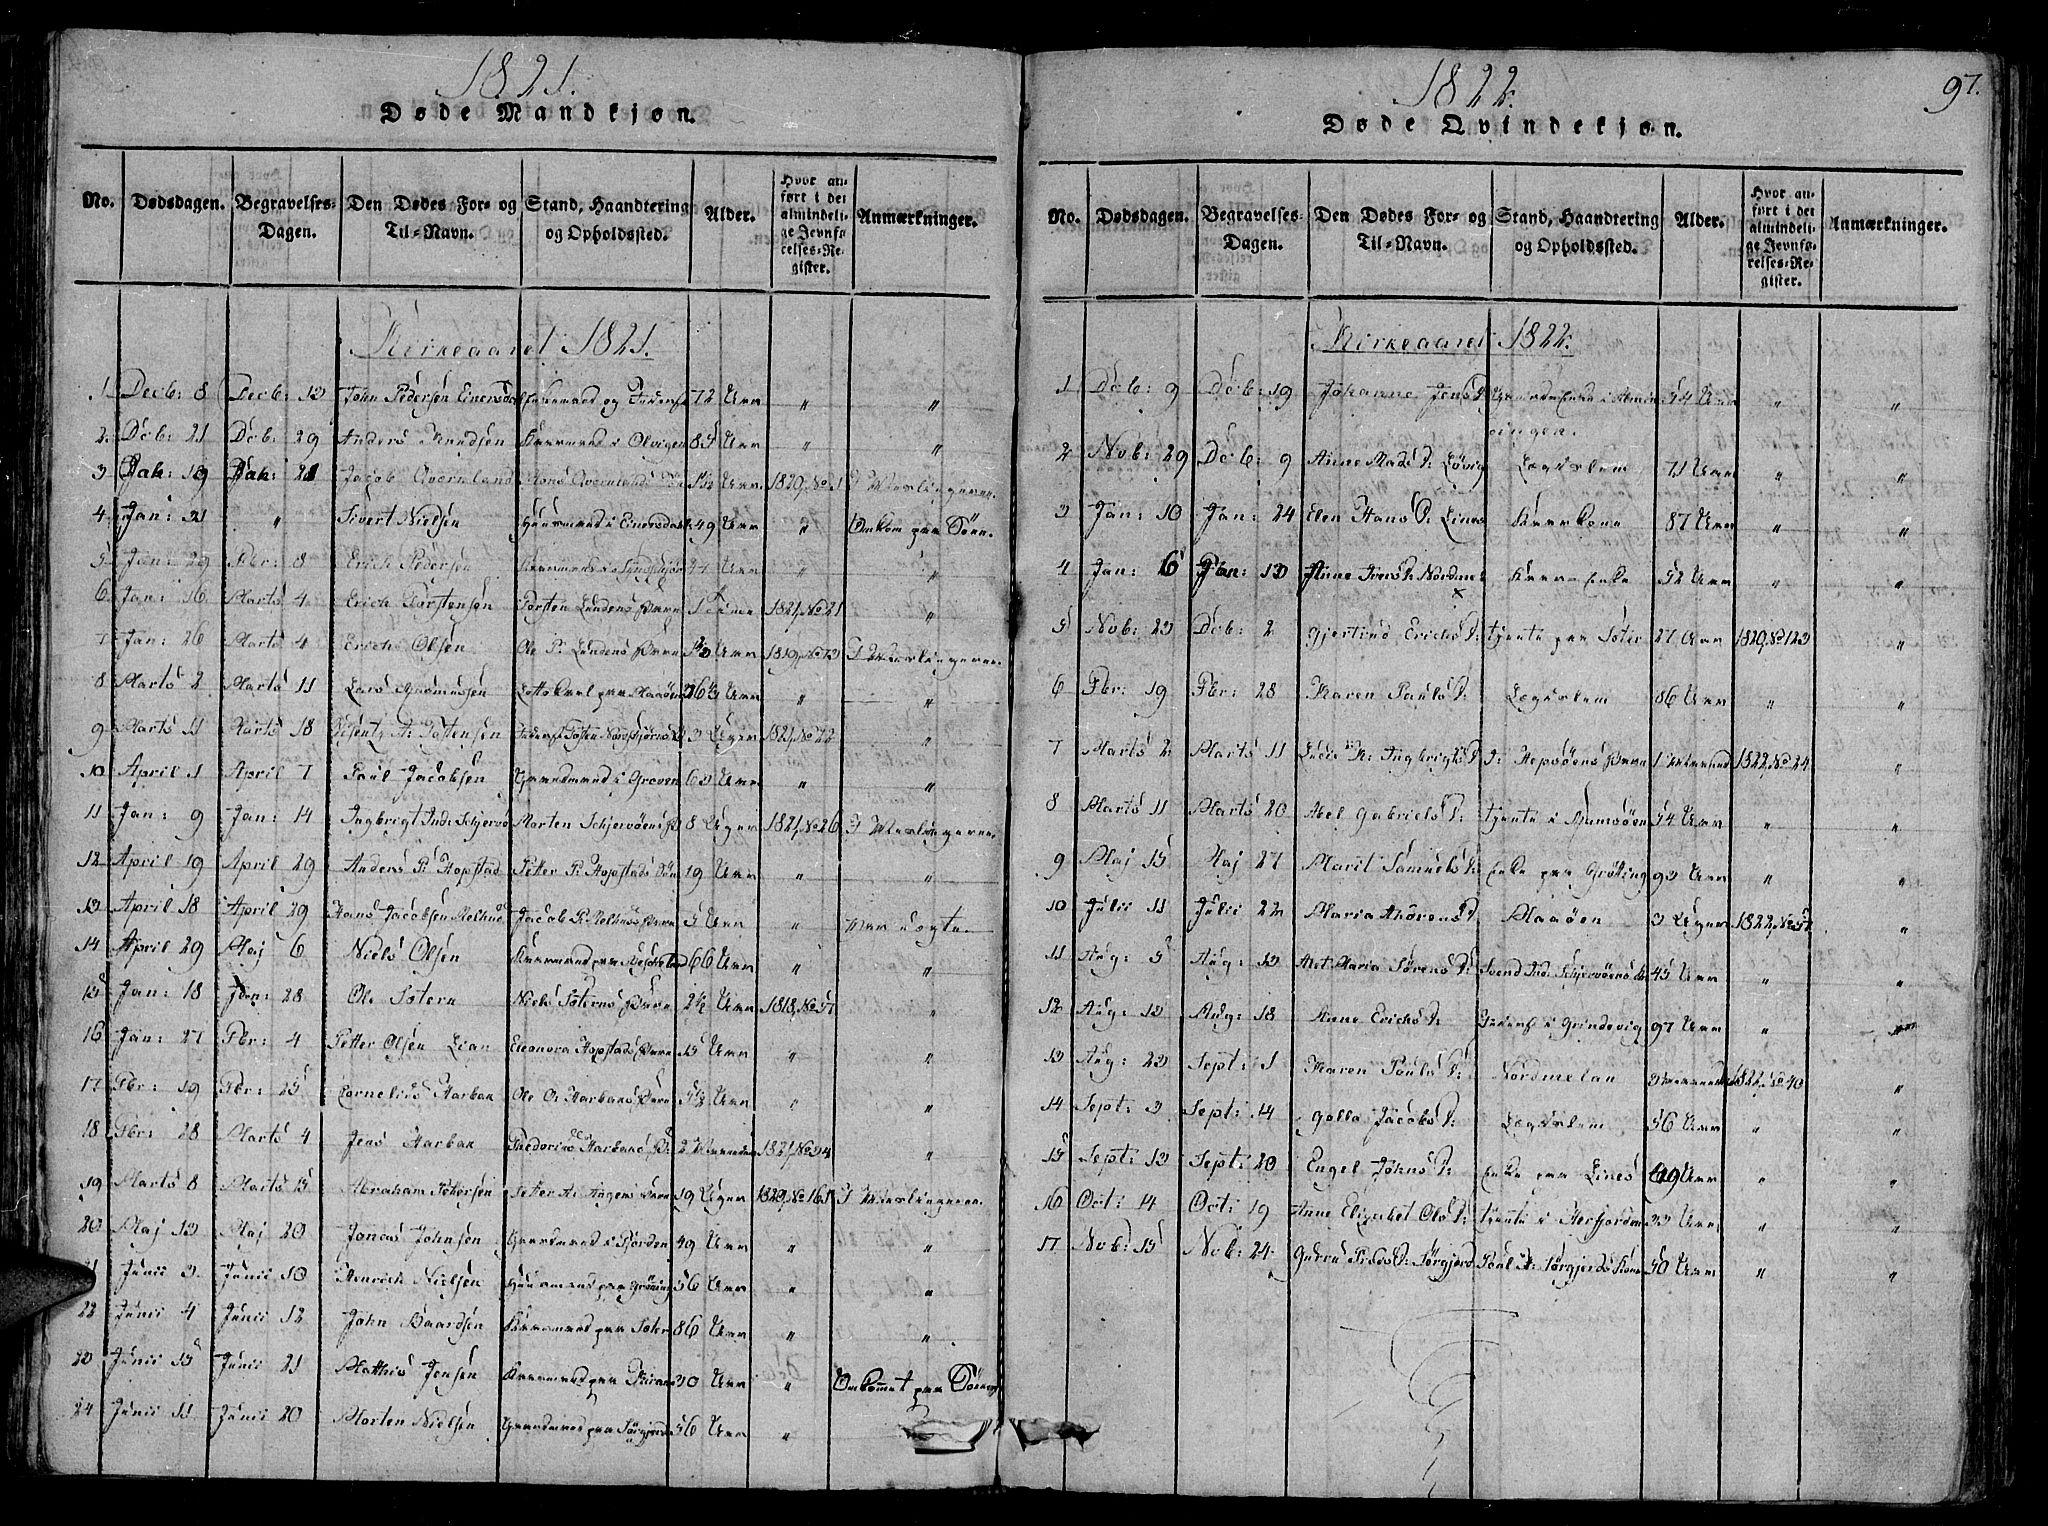 SAT, Ministerialprotokoller, klokkerbøker og fødselsregistre - Sør-Trøndelag, 657/L0702: Ministerialbok nr. 657A03, 1818-1831, s. 97